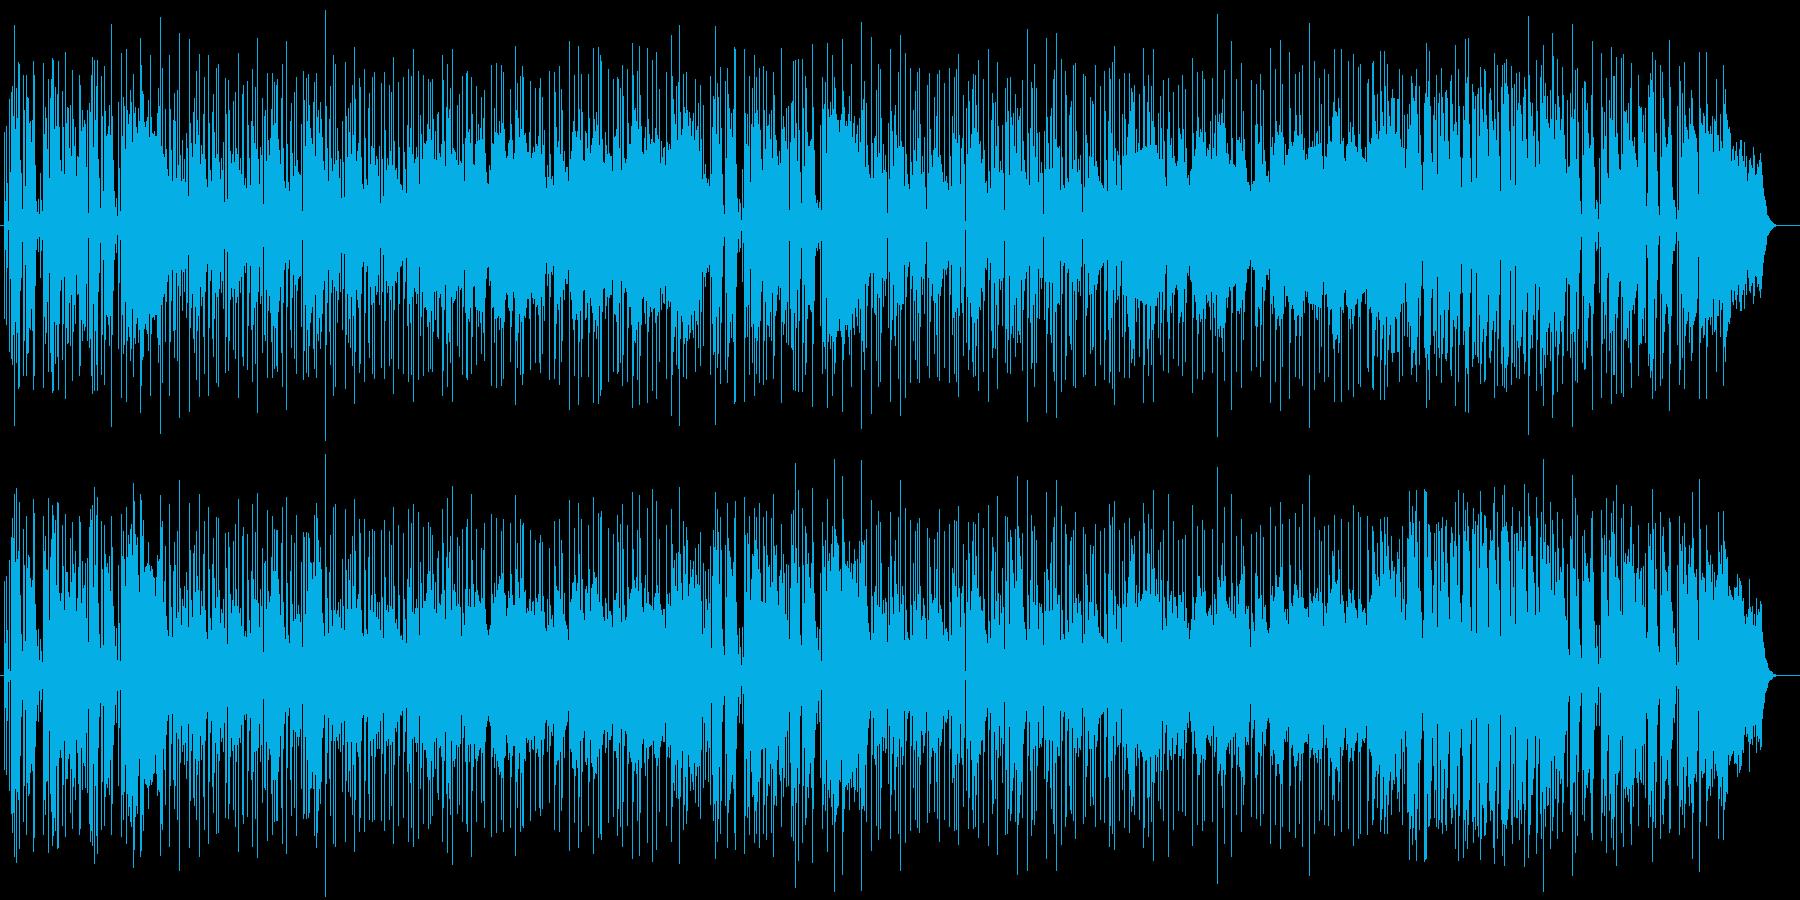 天気の良い日に聞きたい爽快なポップ曲の再生済みの波形